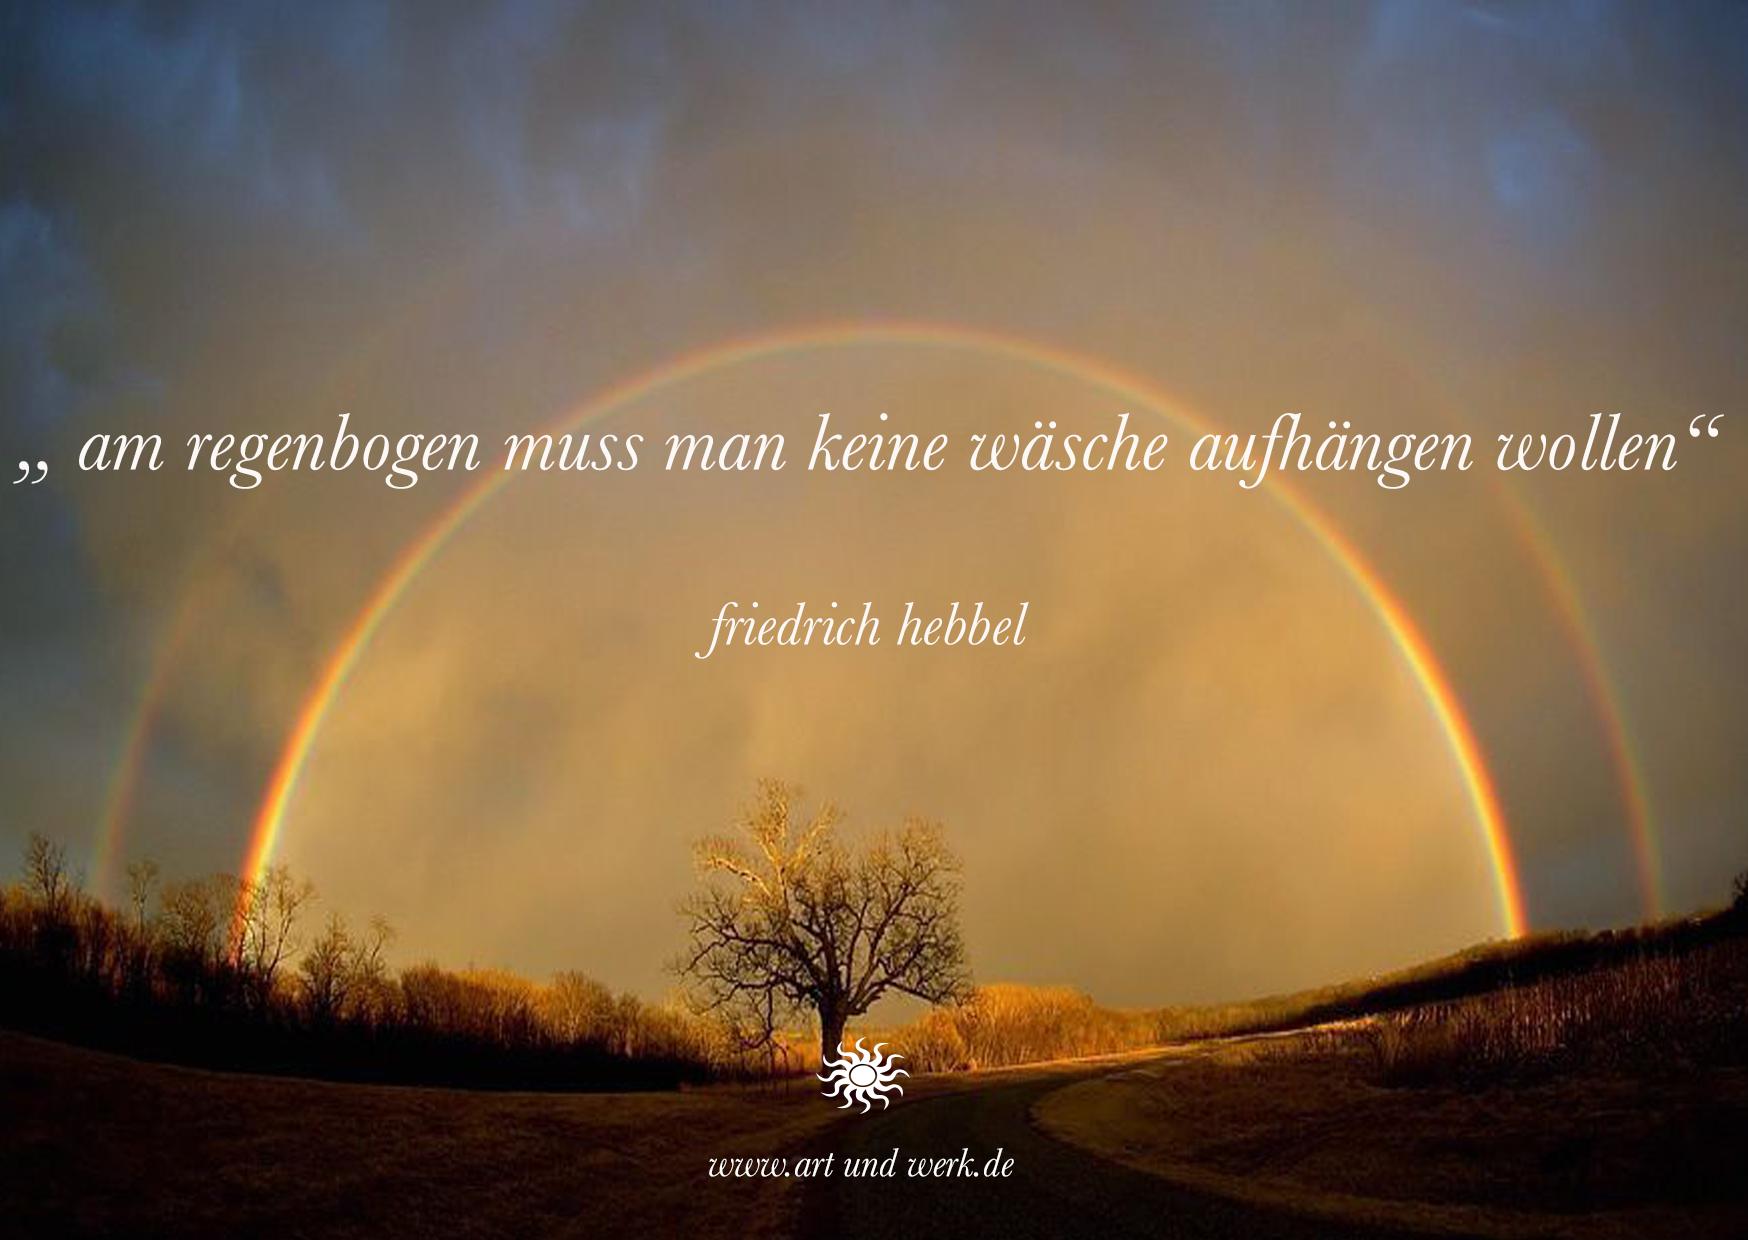 postkarten_quer_zitate_aphorismen_gedichte_friedrich_hebbel_g